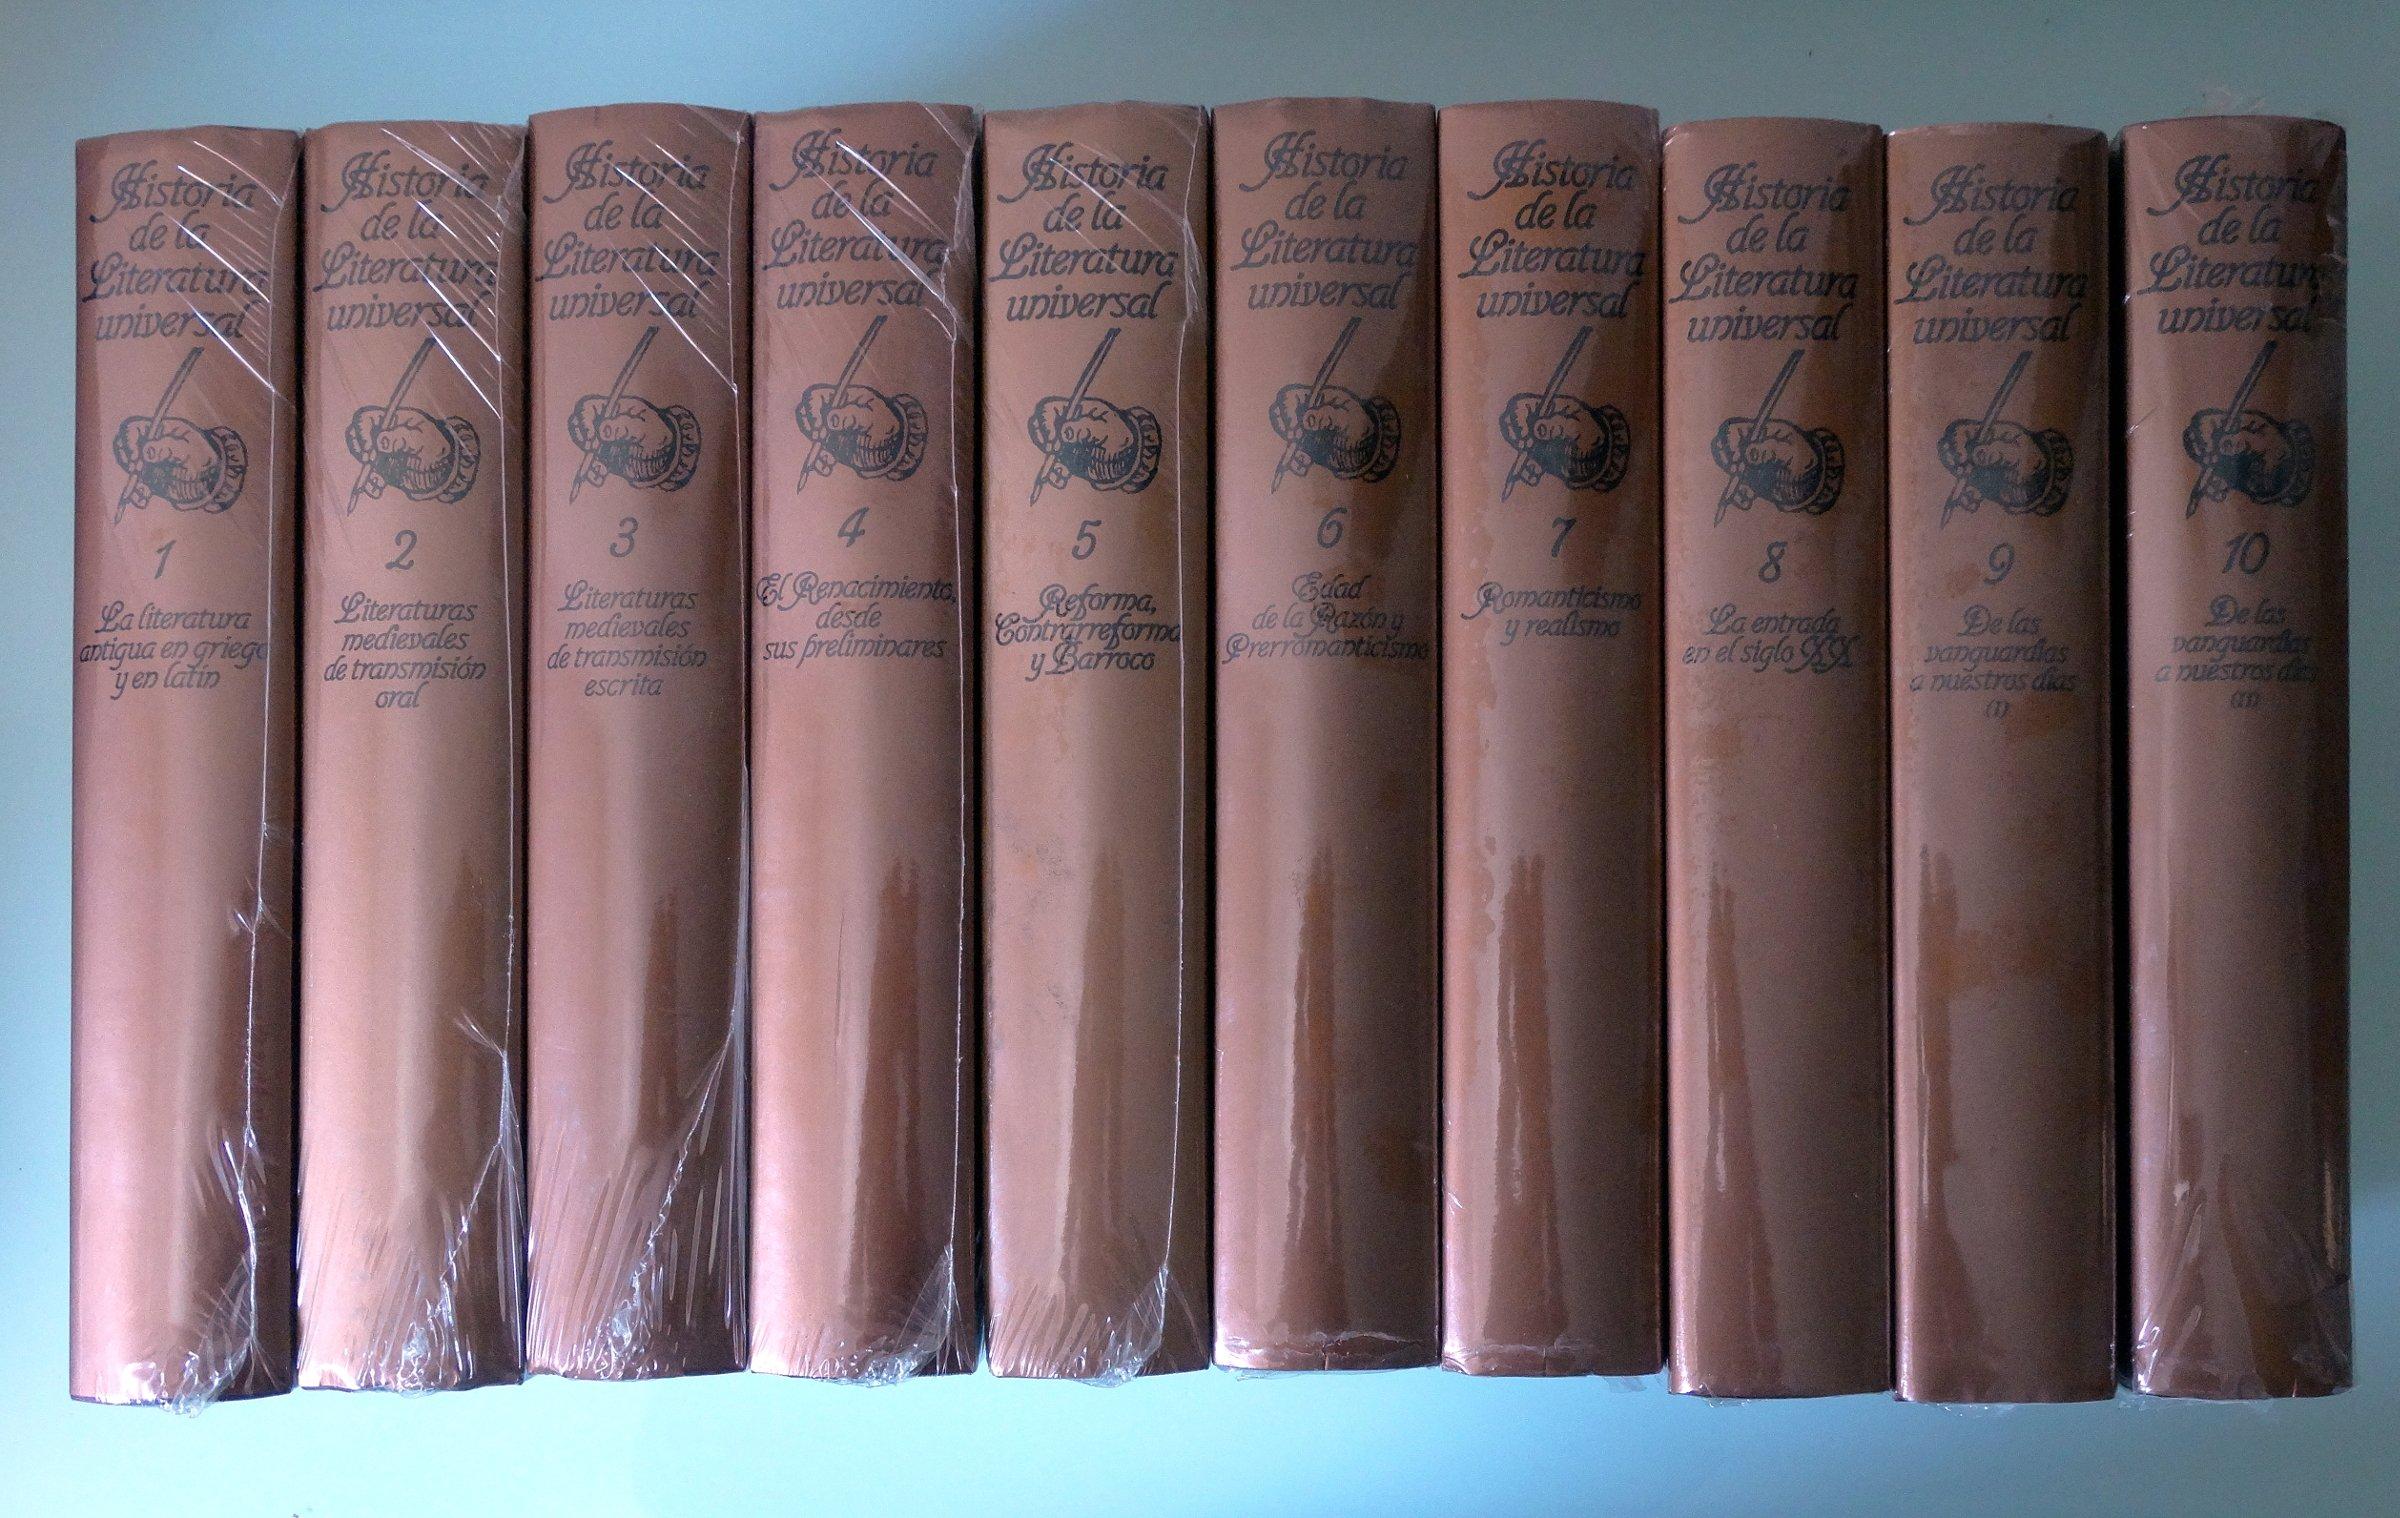 Historia de la Literatura Universal. 10 tomos: Amazon.es: José María Valverde y Martín de Riquer, Literatura Universal: Libros